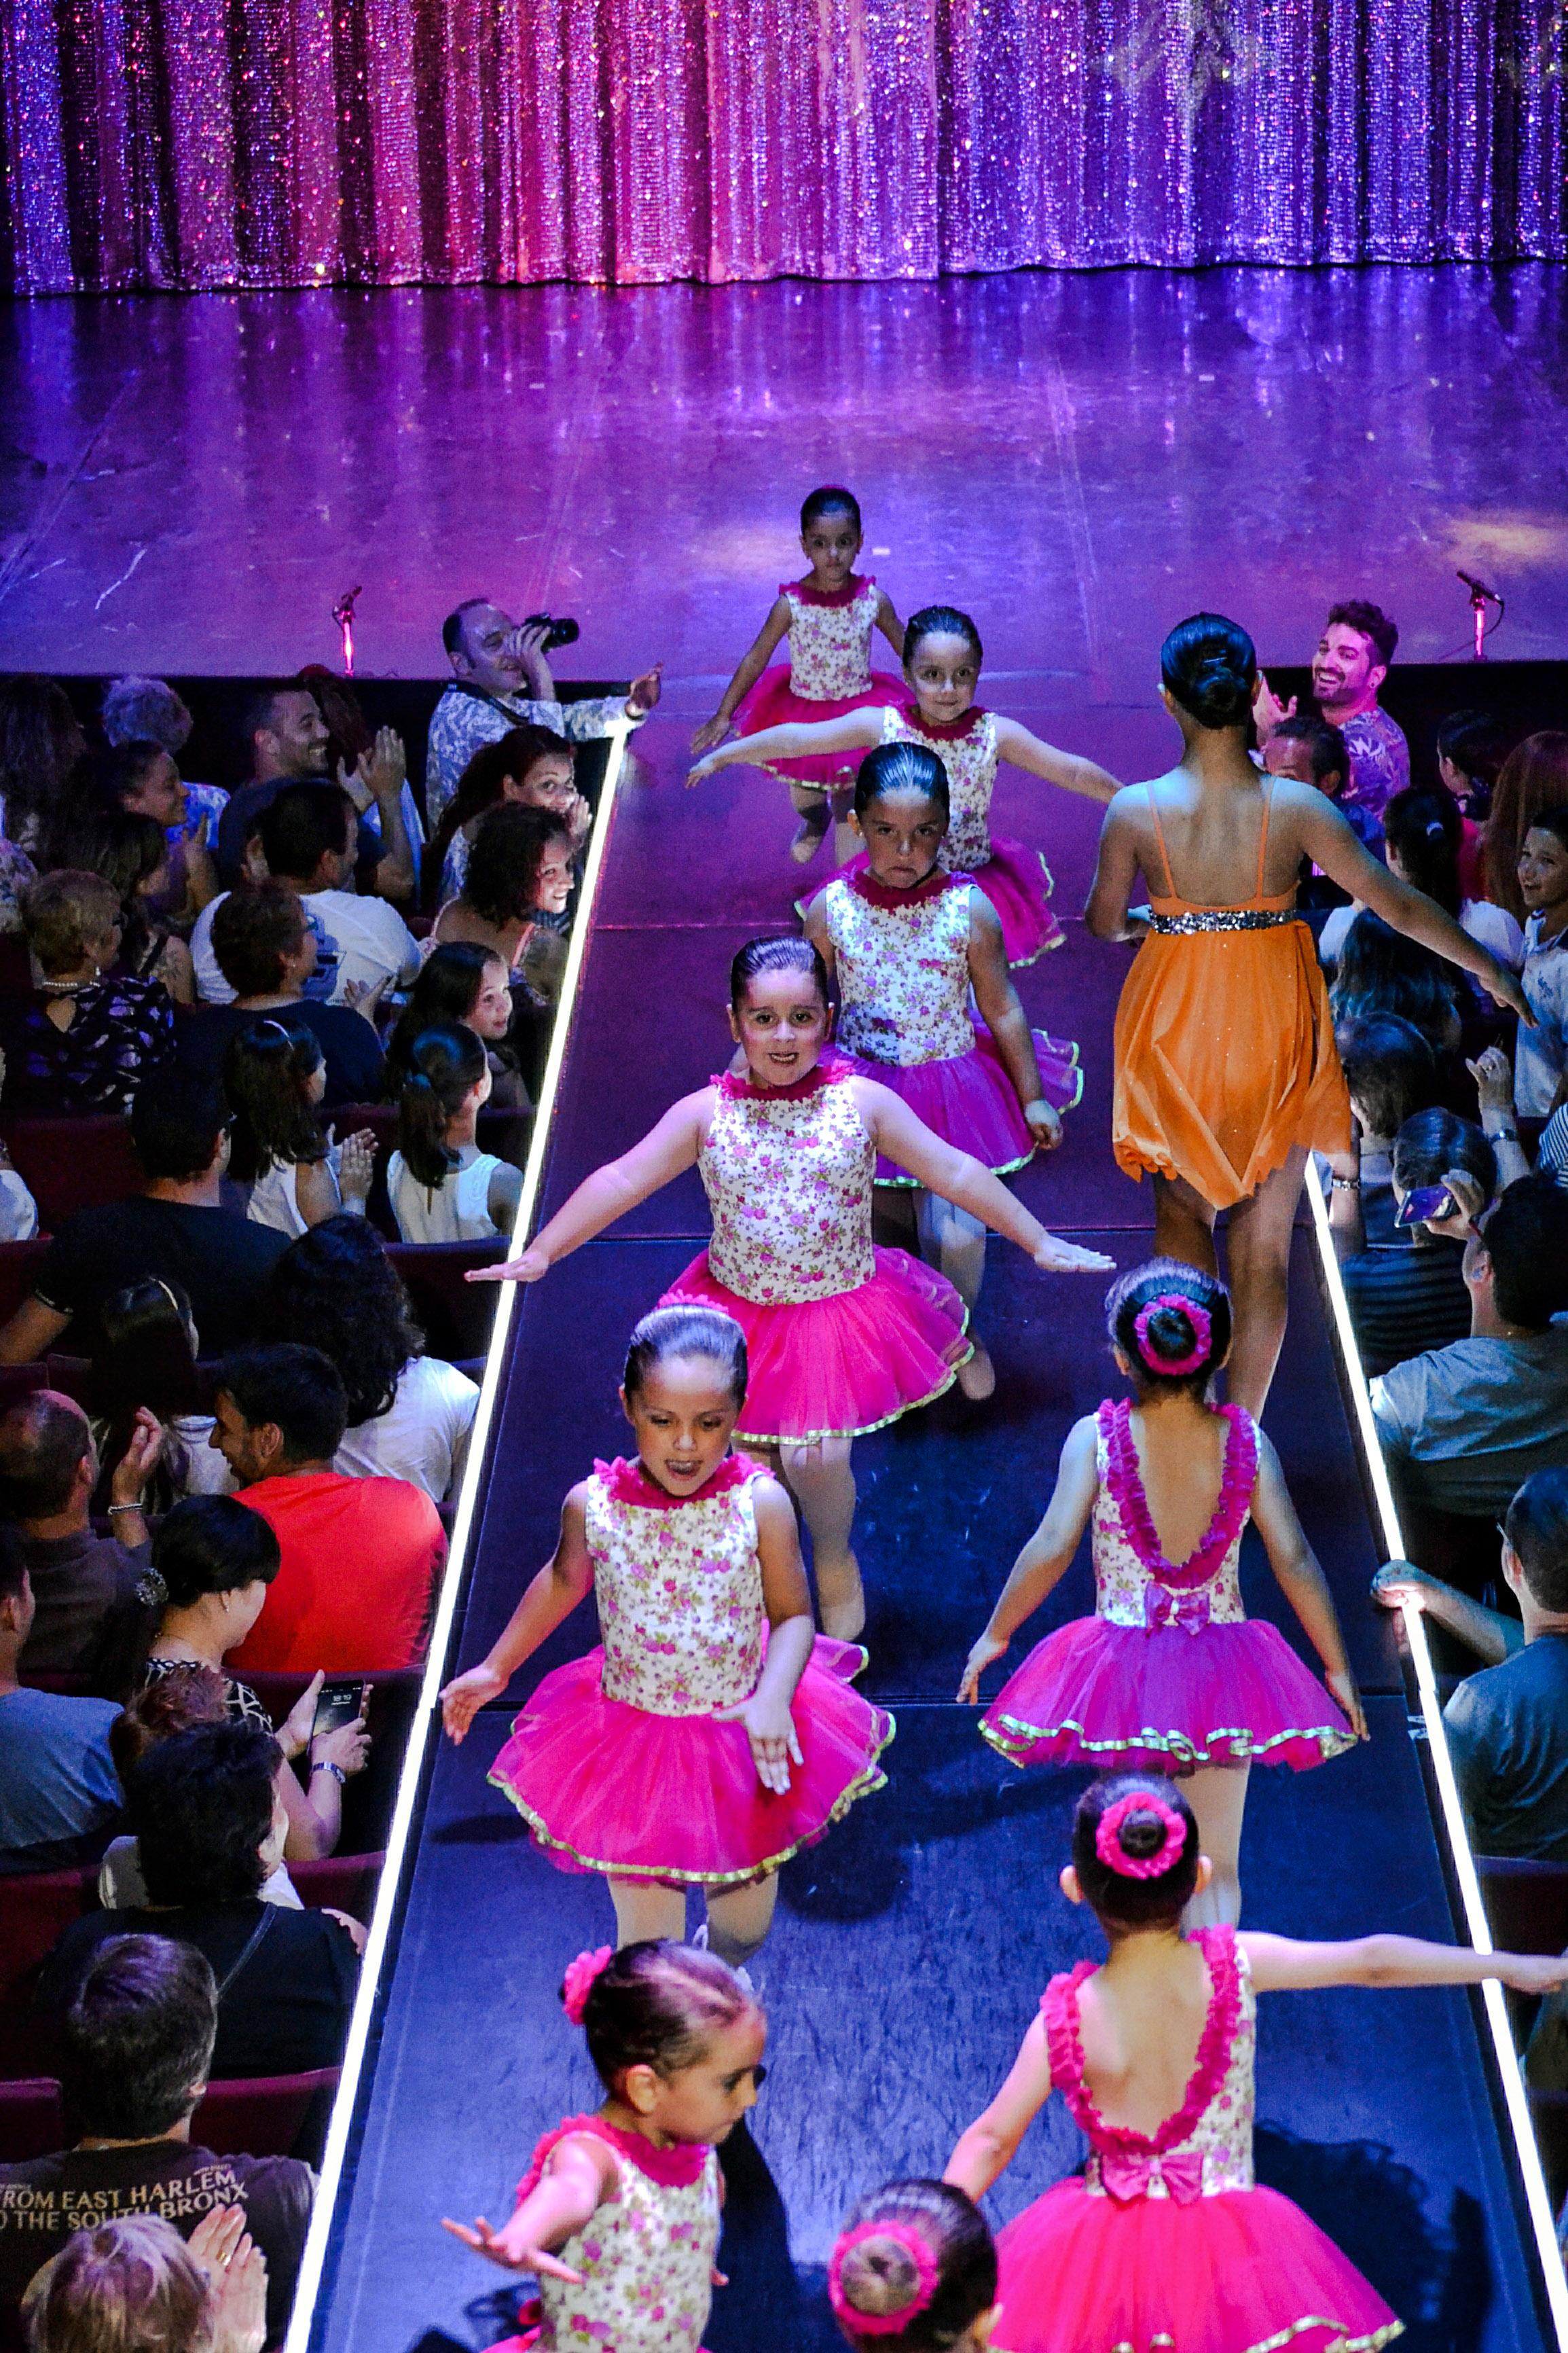 Linea-de-Baile-festival-verano-2015-clases-de-baile-valencia-179